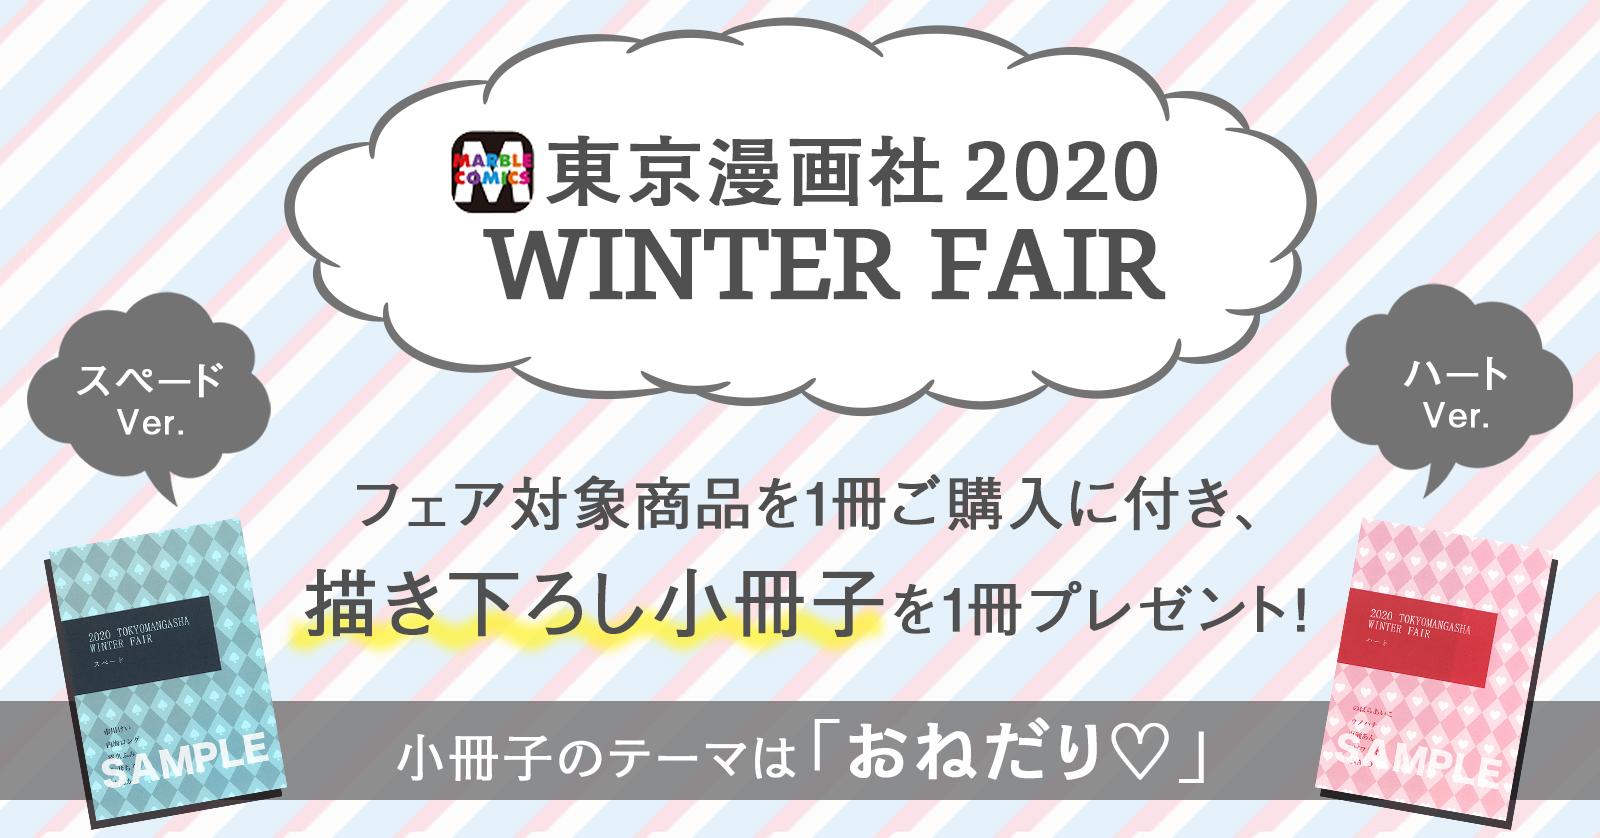 東京漫画社 WINTER FAIR2020